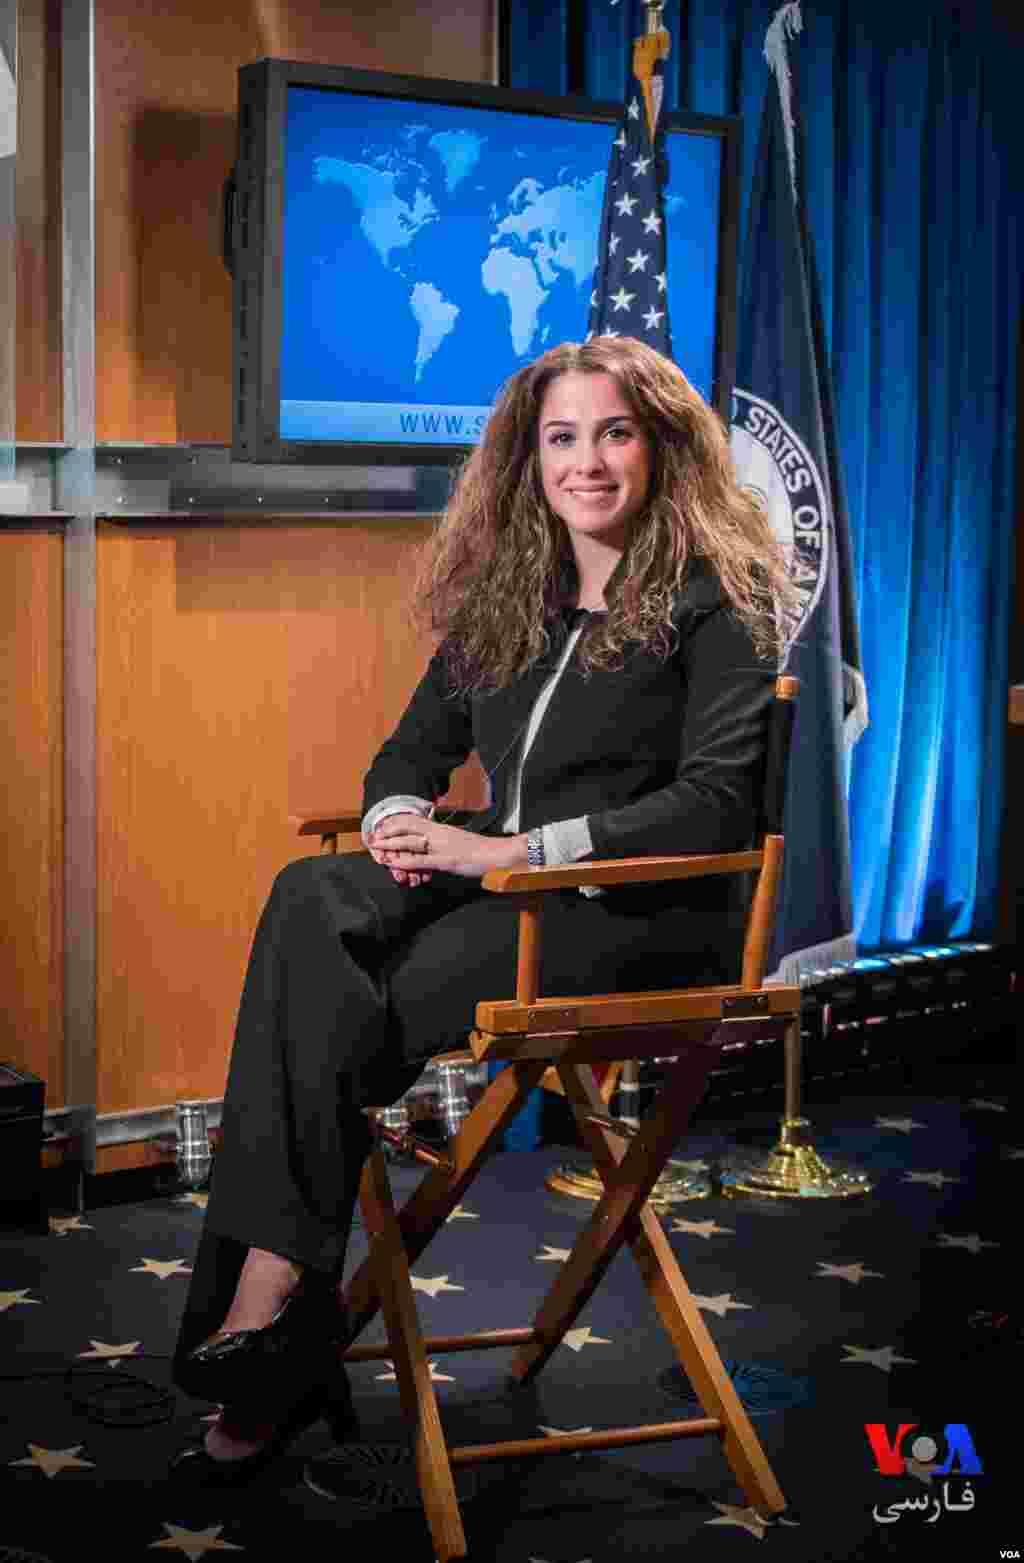 خانم نوروز زاده به عنوان یک ایرانی-آمریکایی، نخستین سخنگوی فارسی زبان است که در وزارت خارجه آمریکا حضور دارد.